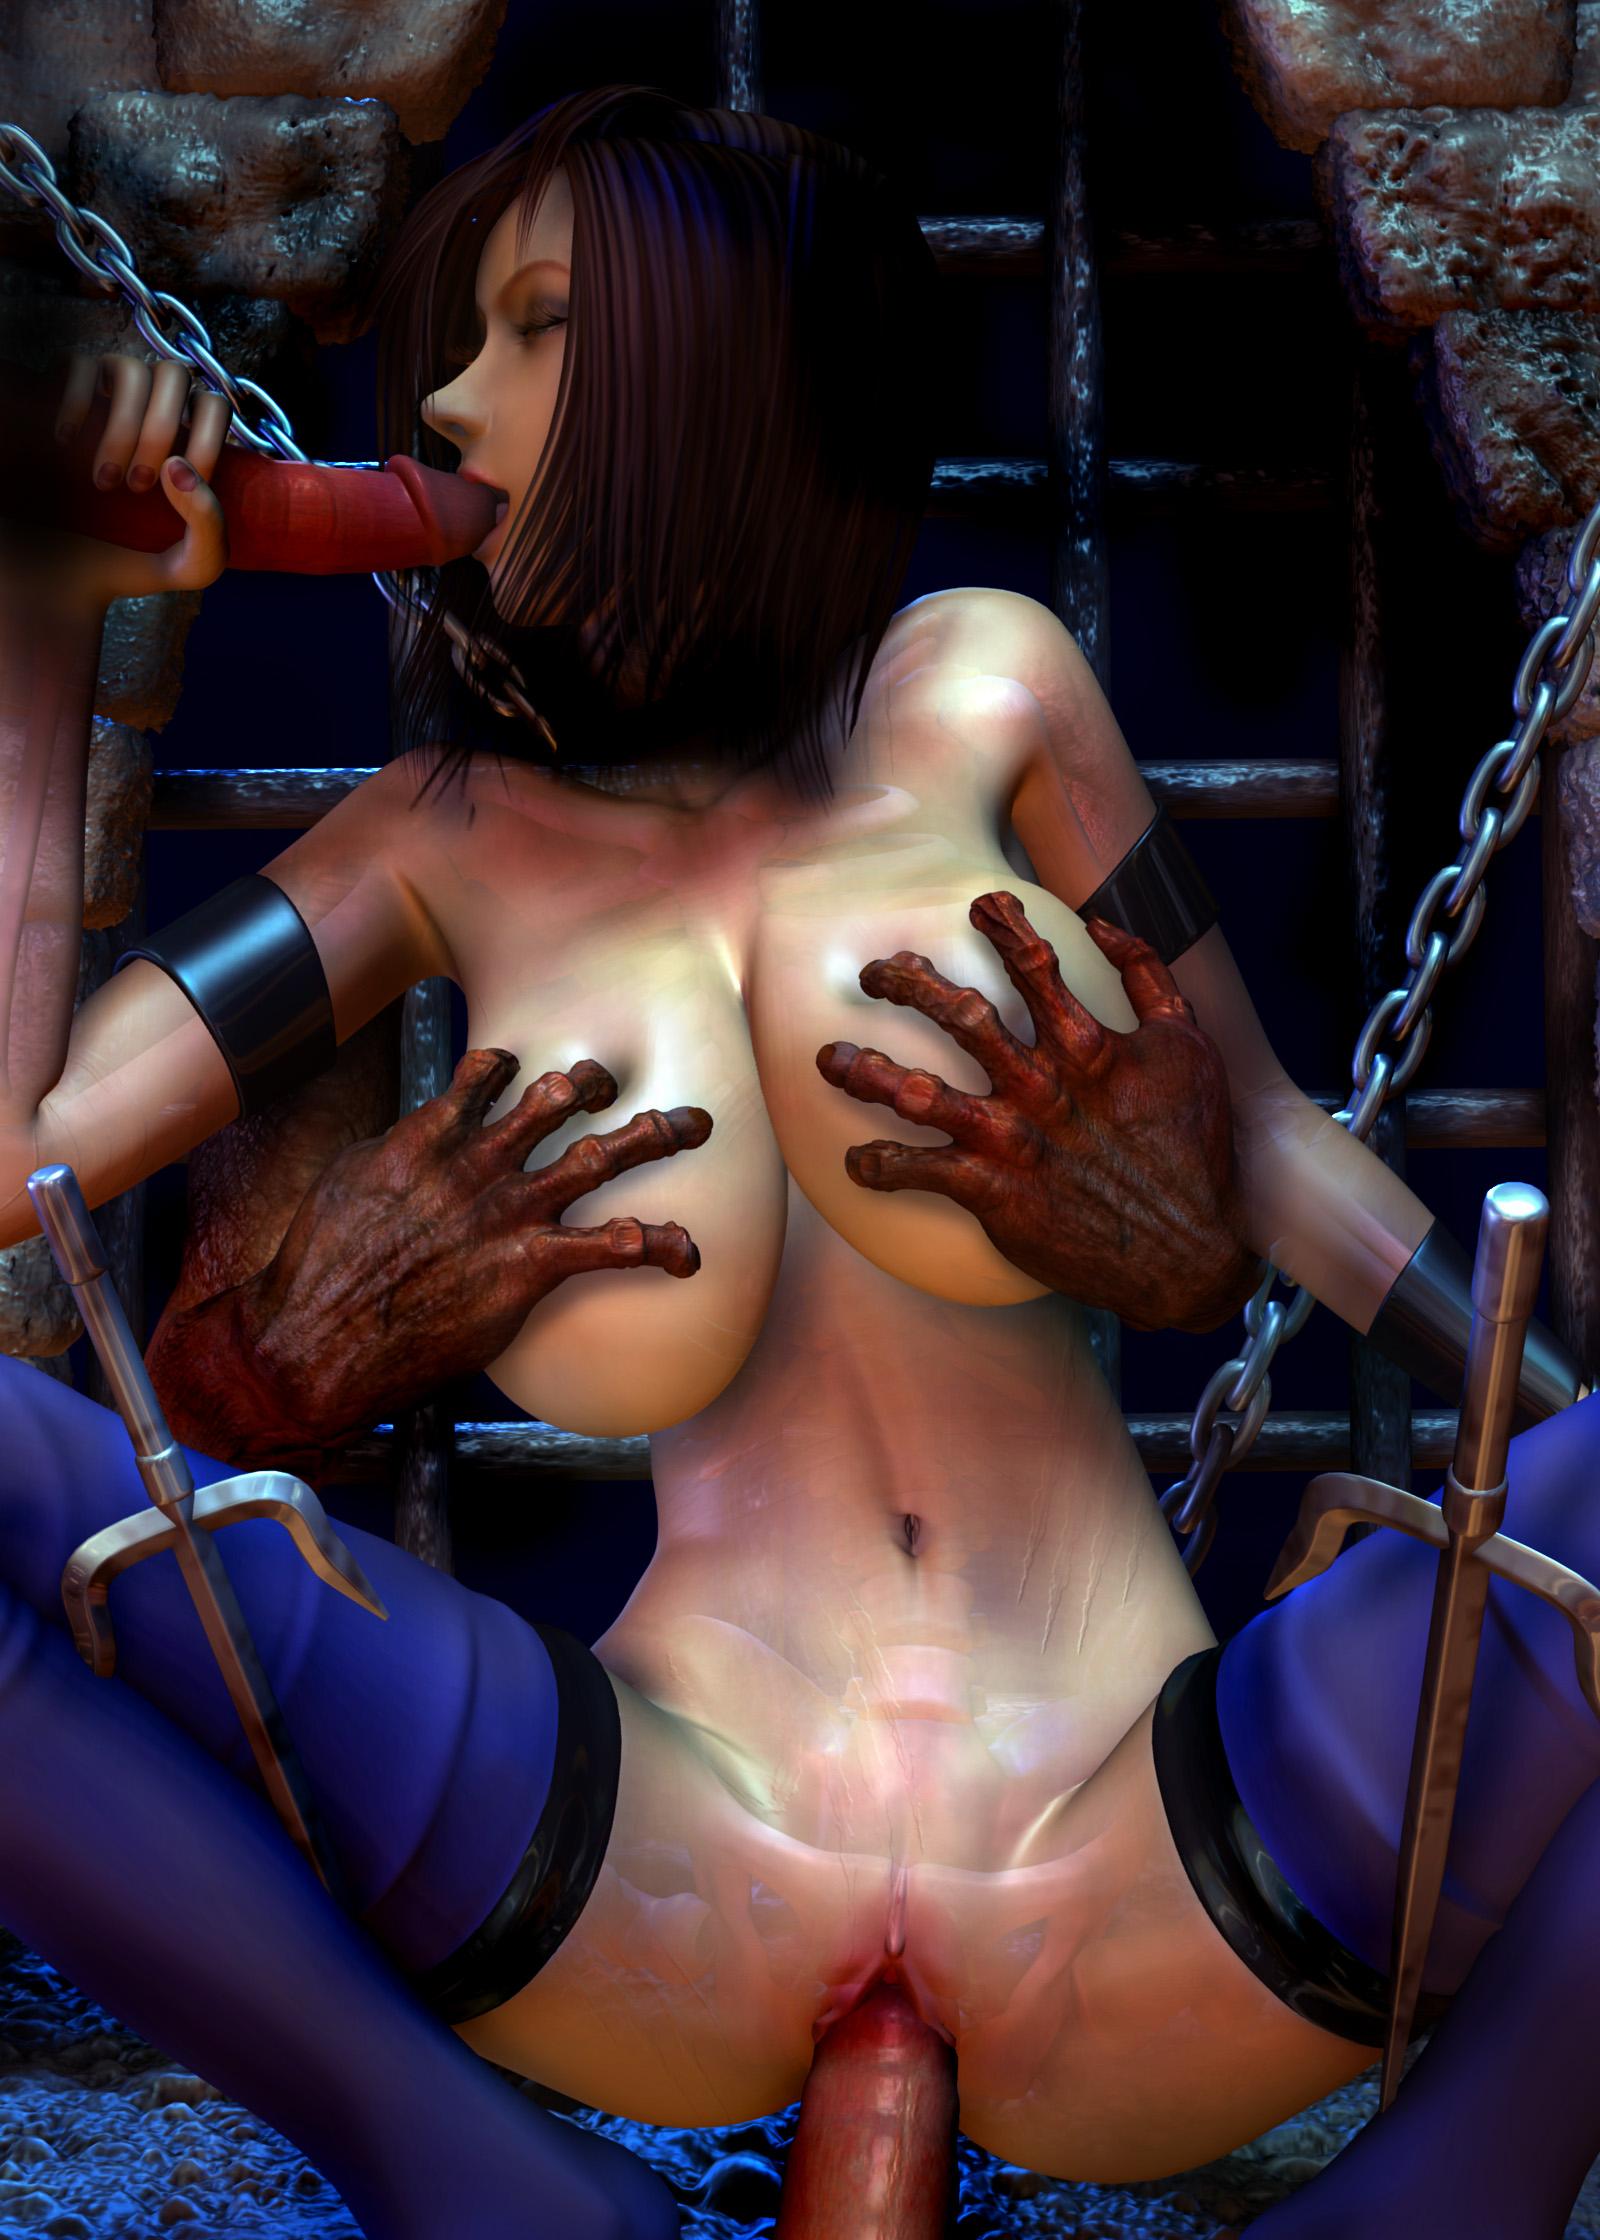 Порно игра мортал комбат секс с китаной